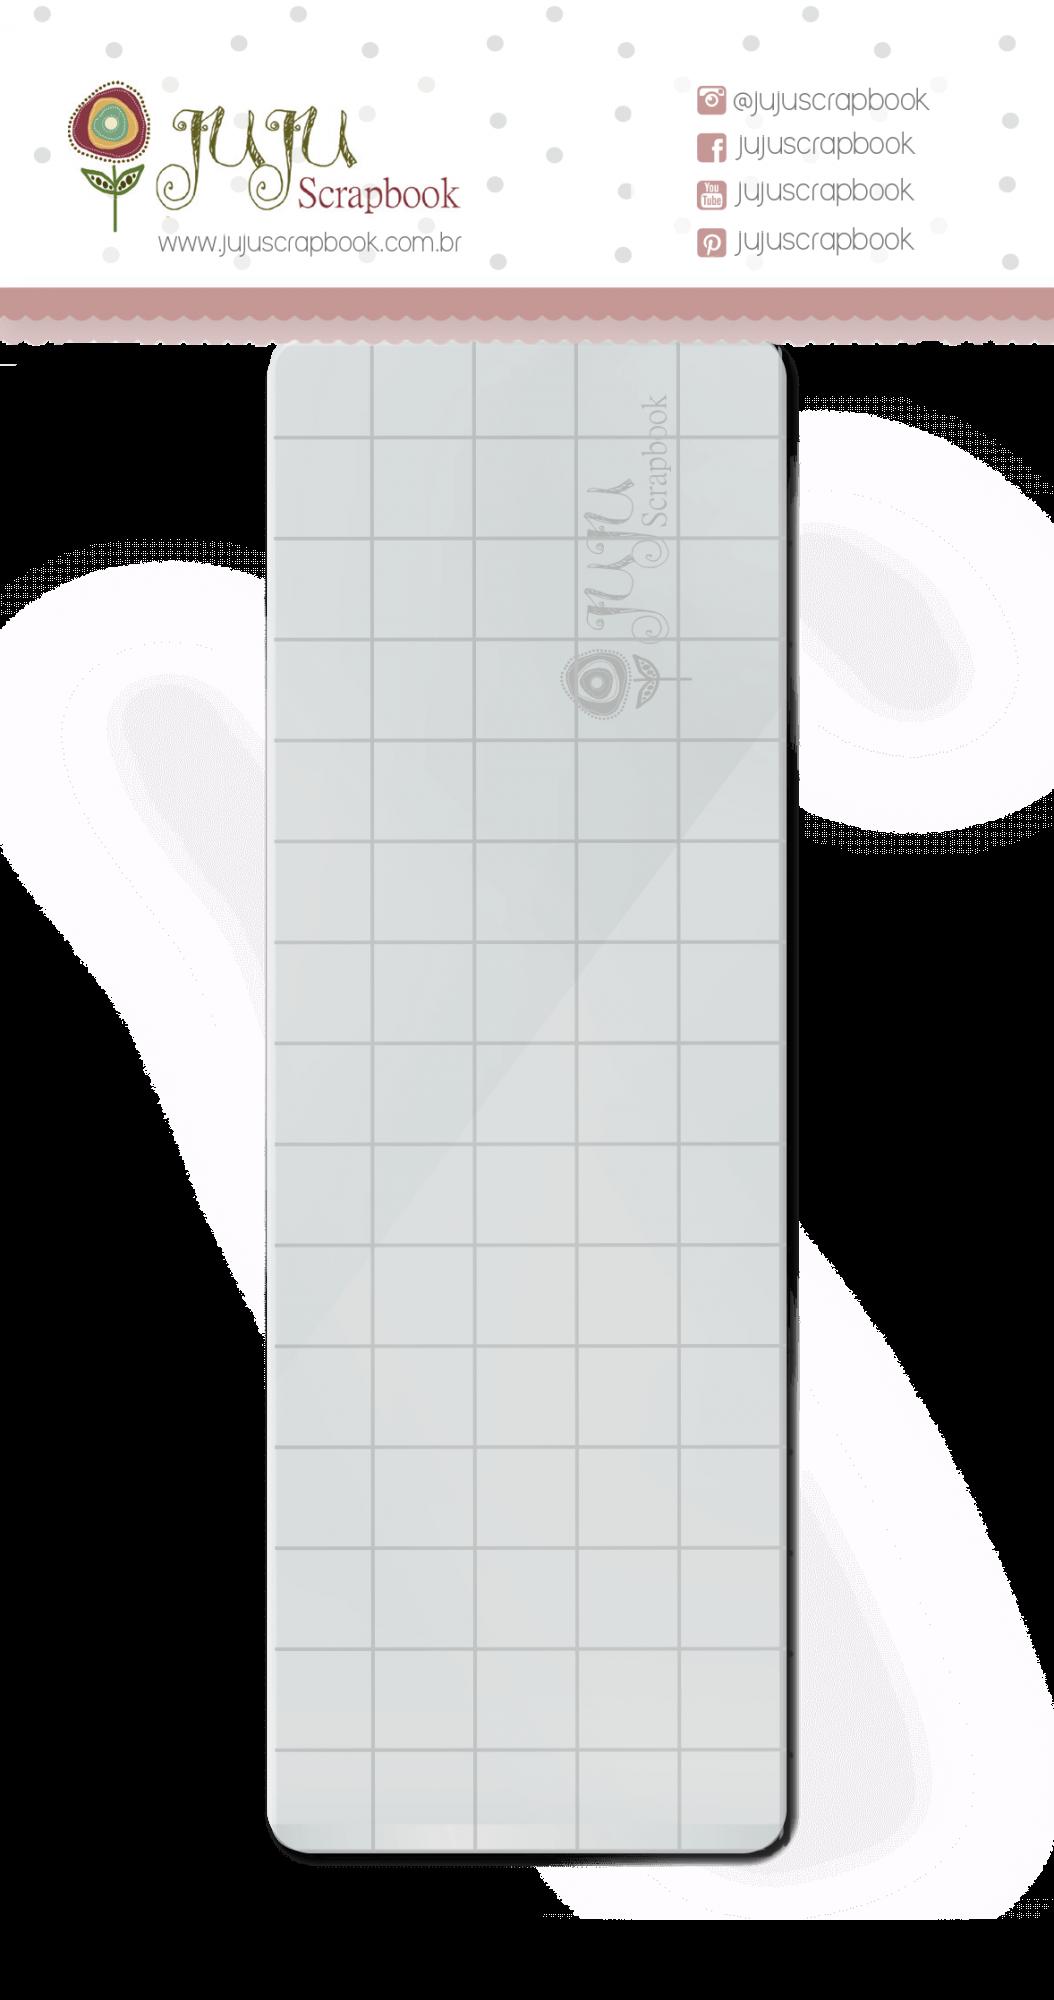 Base acrílica para carimbo - 15 cm x 5 cm  - JuJu Scrapbook